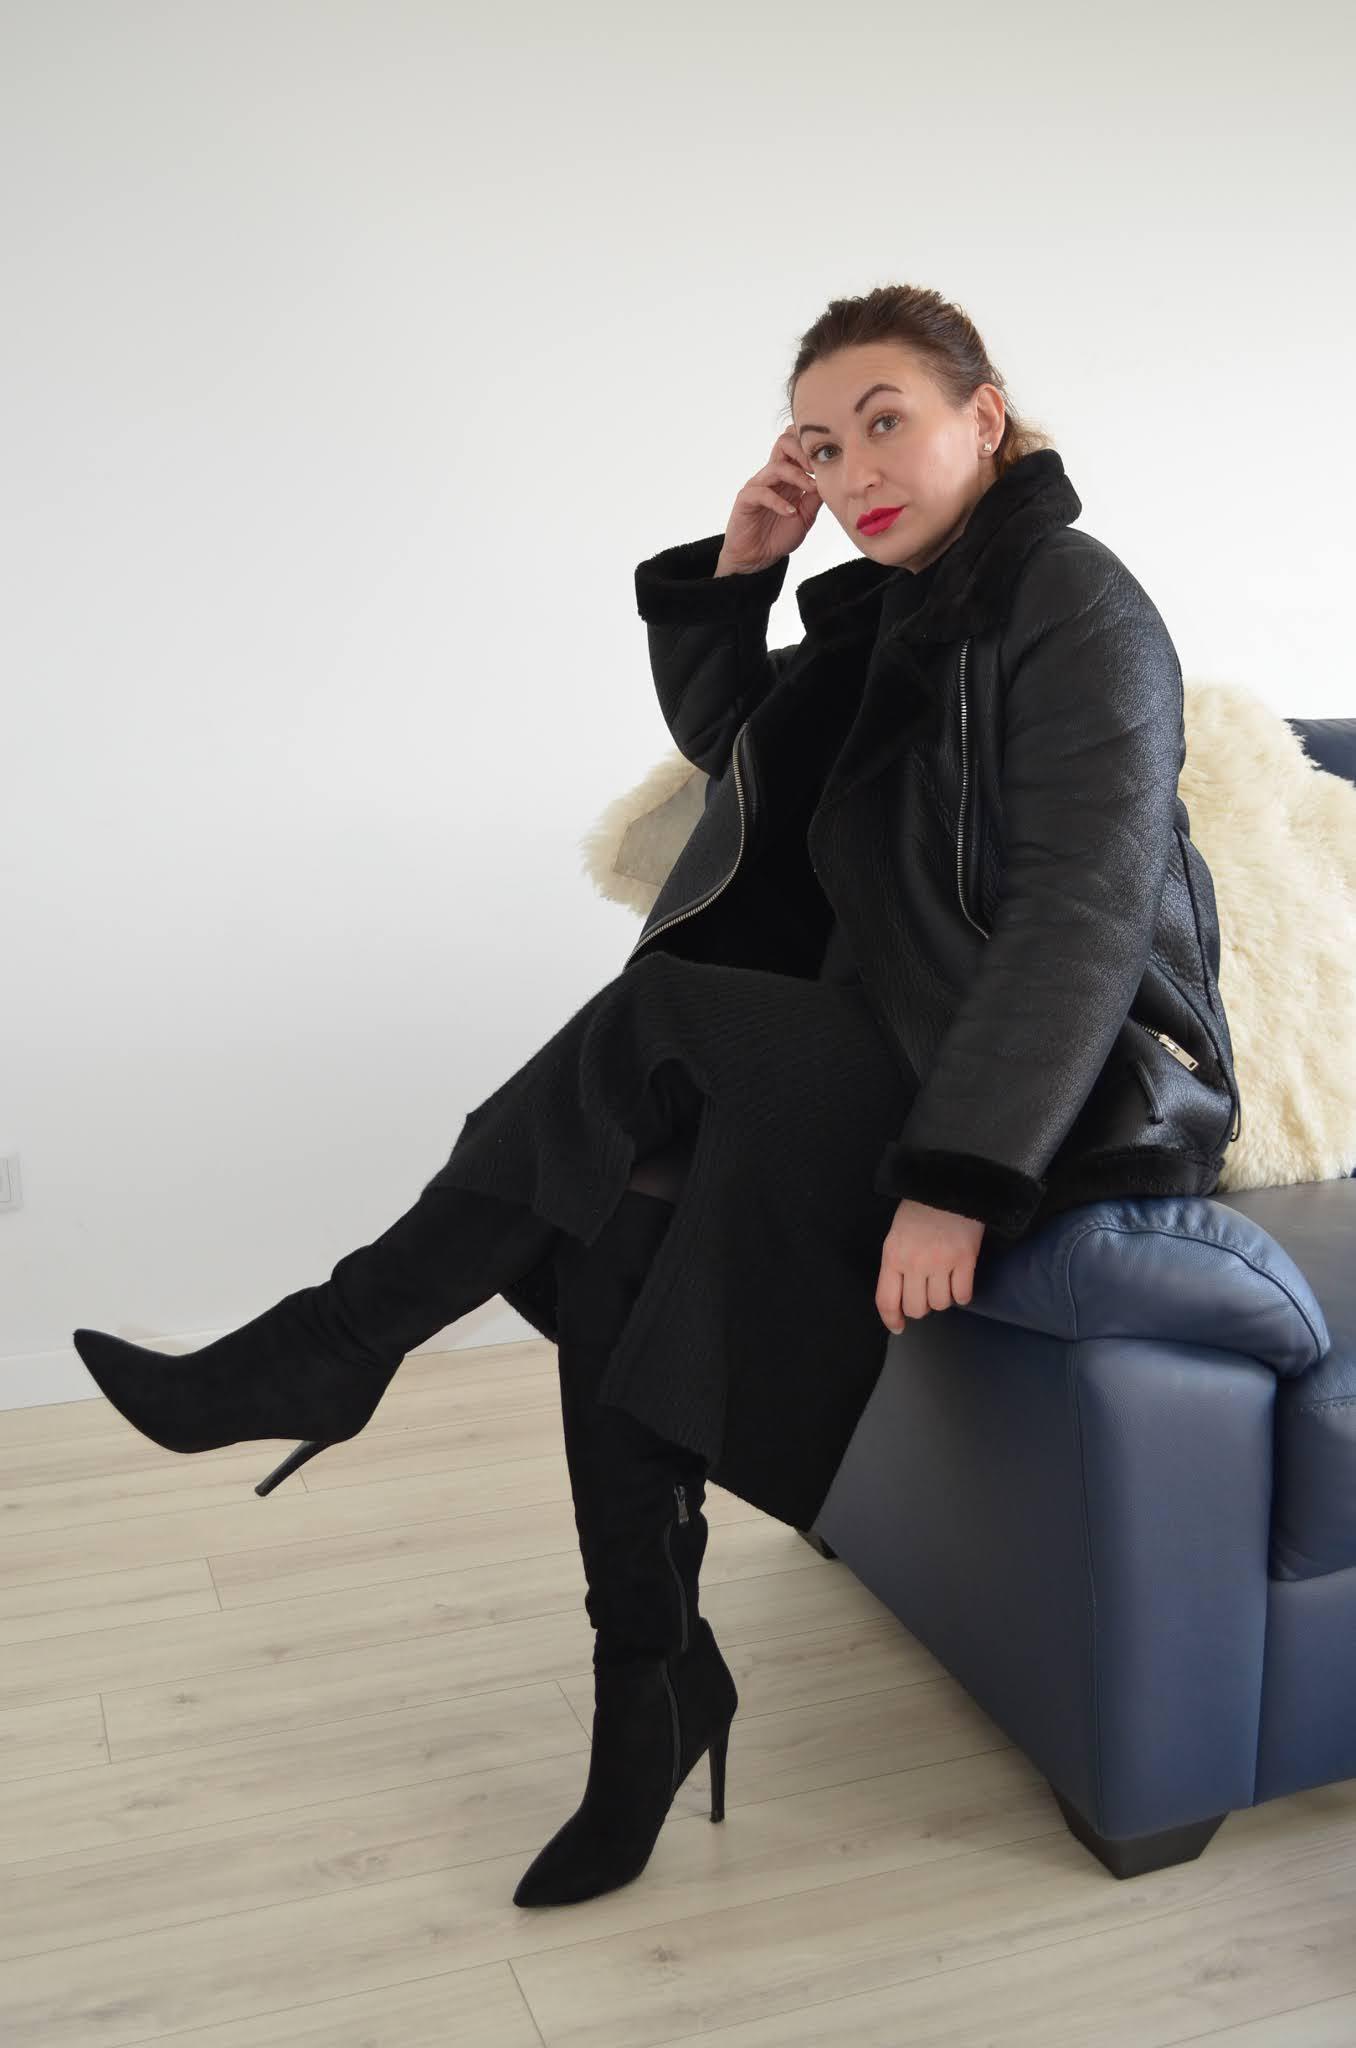 black total look;all black everything;dzianinowy czarny komplet Bonprix;kożuch Zara;fashion;moda;wysokie kozaki Zara;czarna stylizacja;blogerka modowa Wrocław;40+;40plusfashion;40plusstyle;